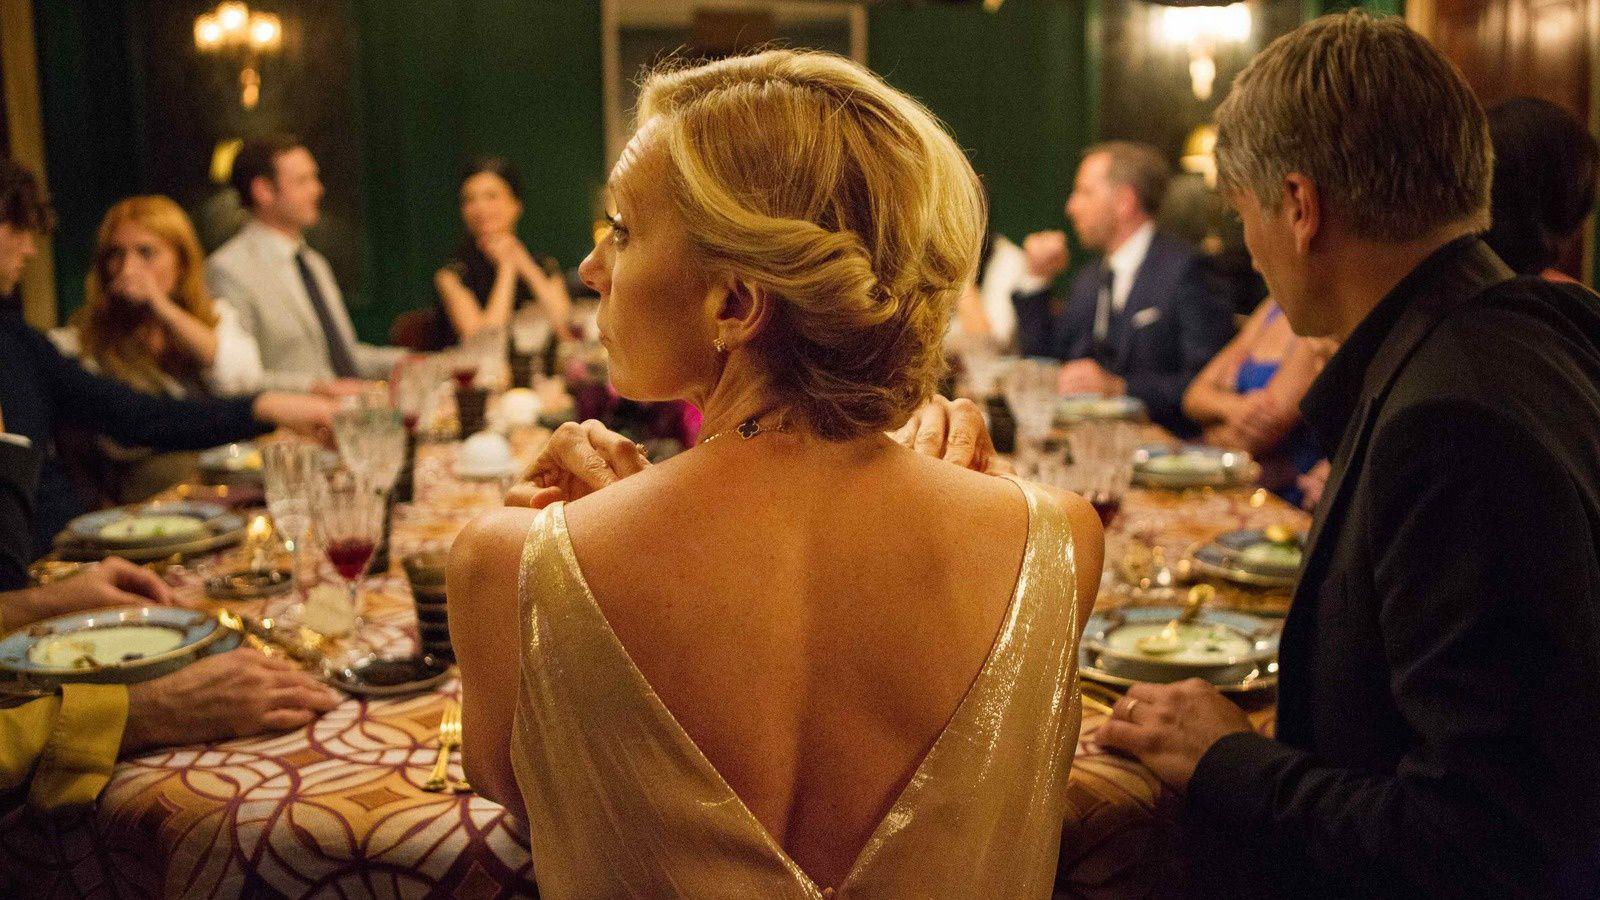 MADAME avec Harvey Keitel, Toni Collette - La bande-annonce - Le 22 novembre au cinéma !